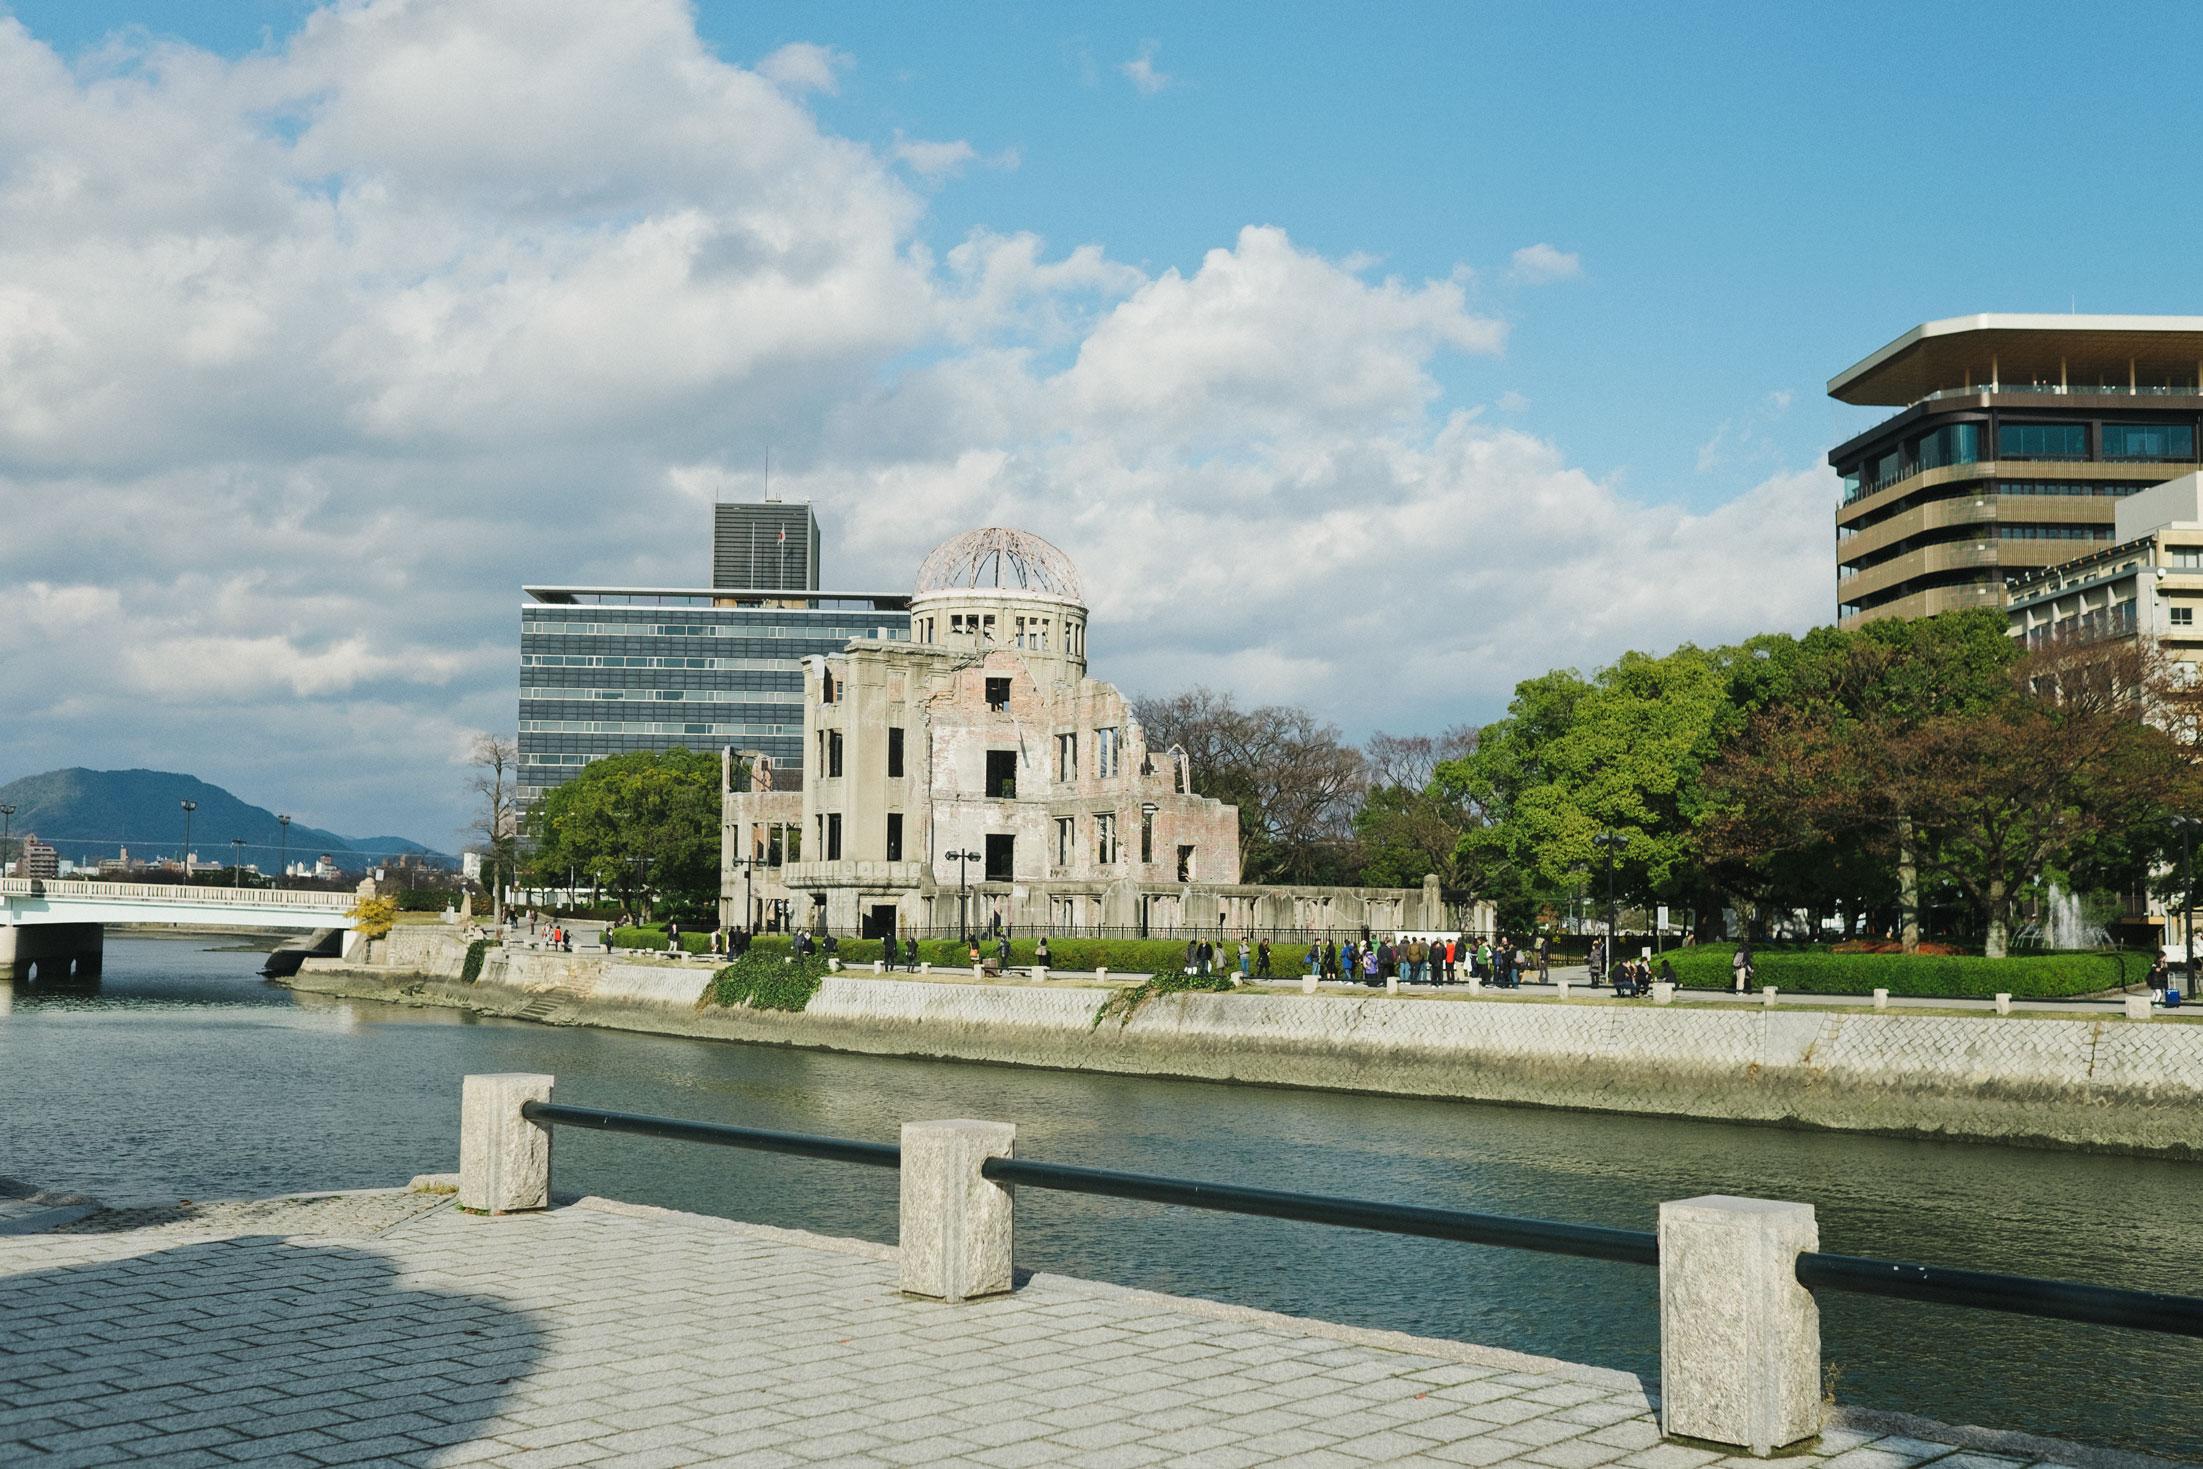 Hiroshima_Japan_Travel_Diary_61.jpg